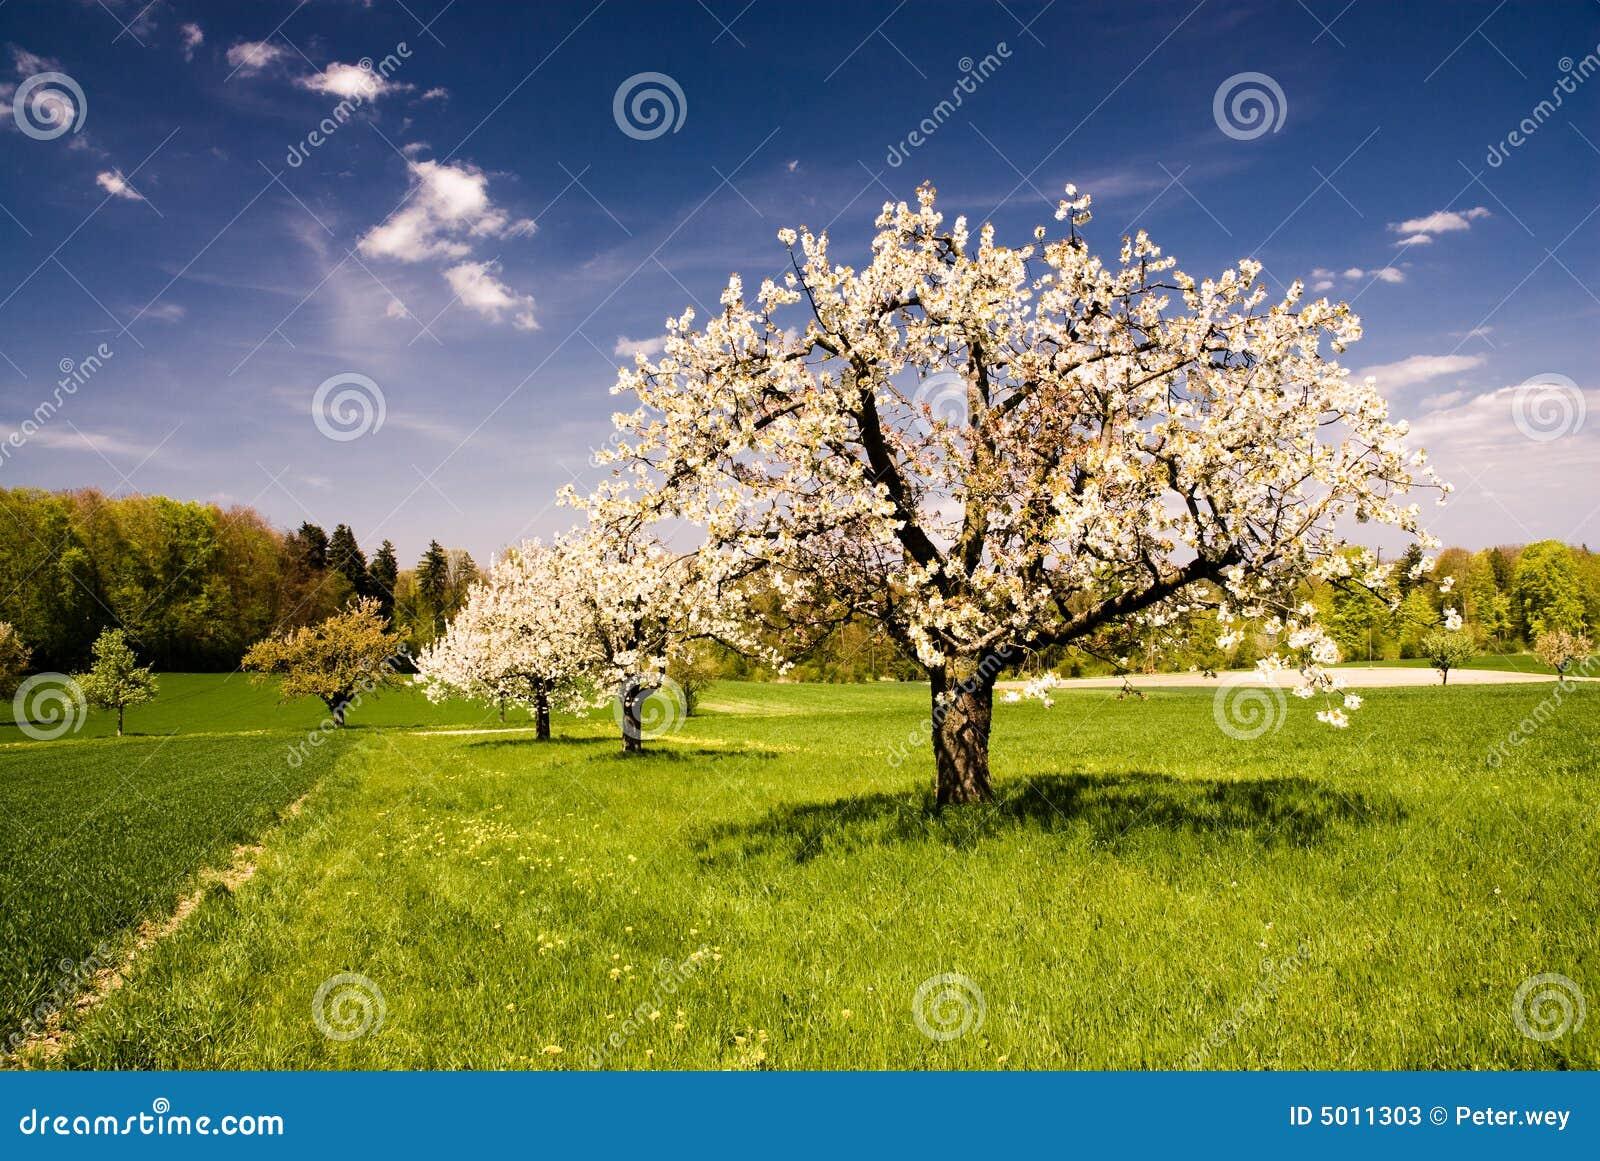 Wszystkie nowe Wiejskie Widoki Zakwitnąć Wiosenne Drzewa Obraz Stock - Obraz LW52